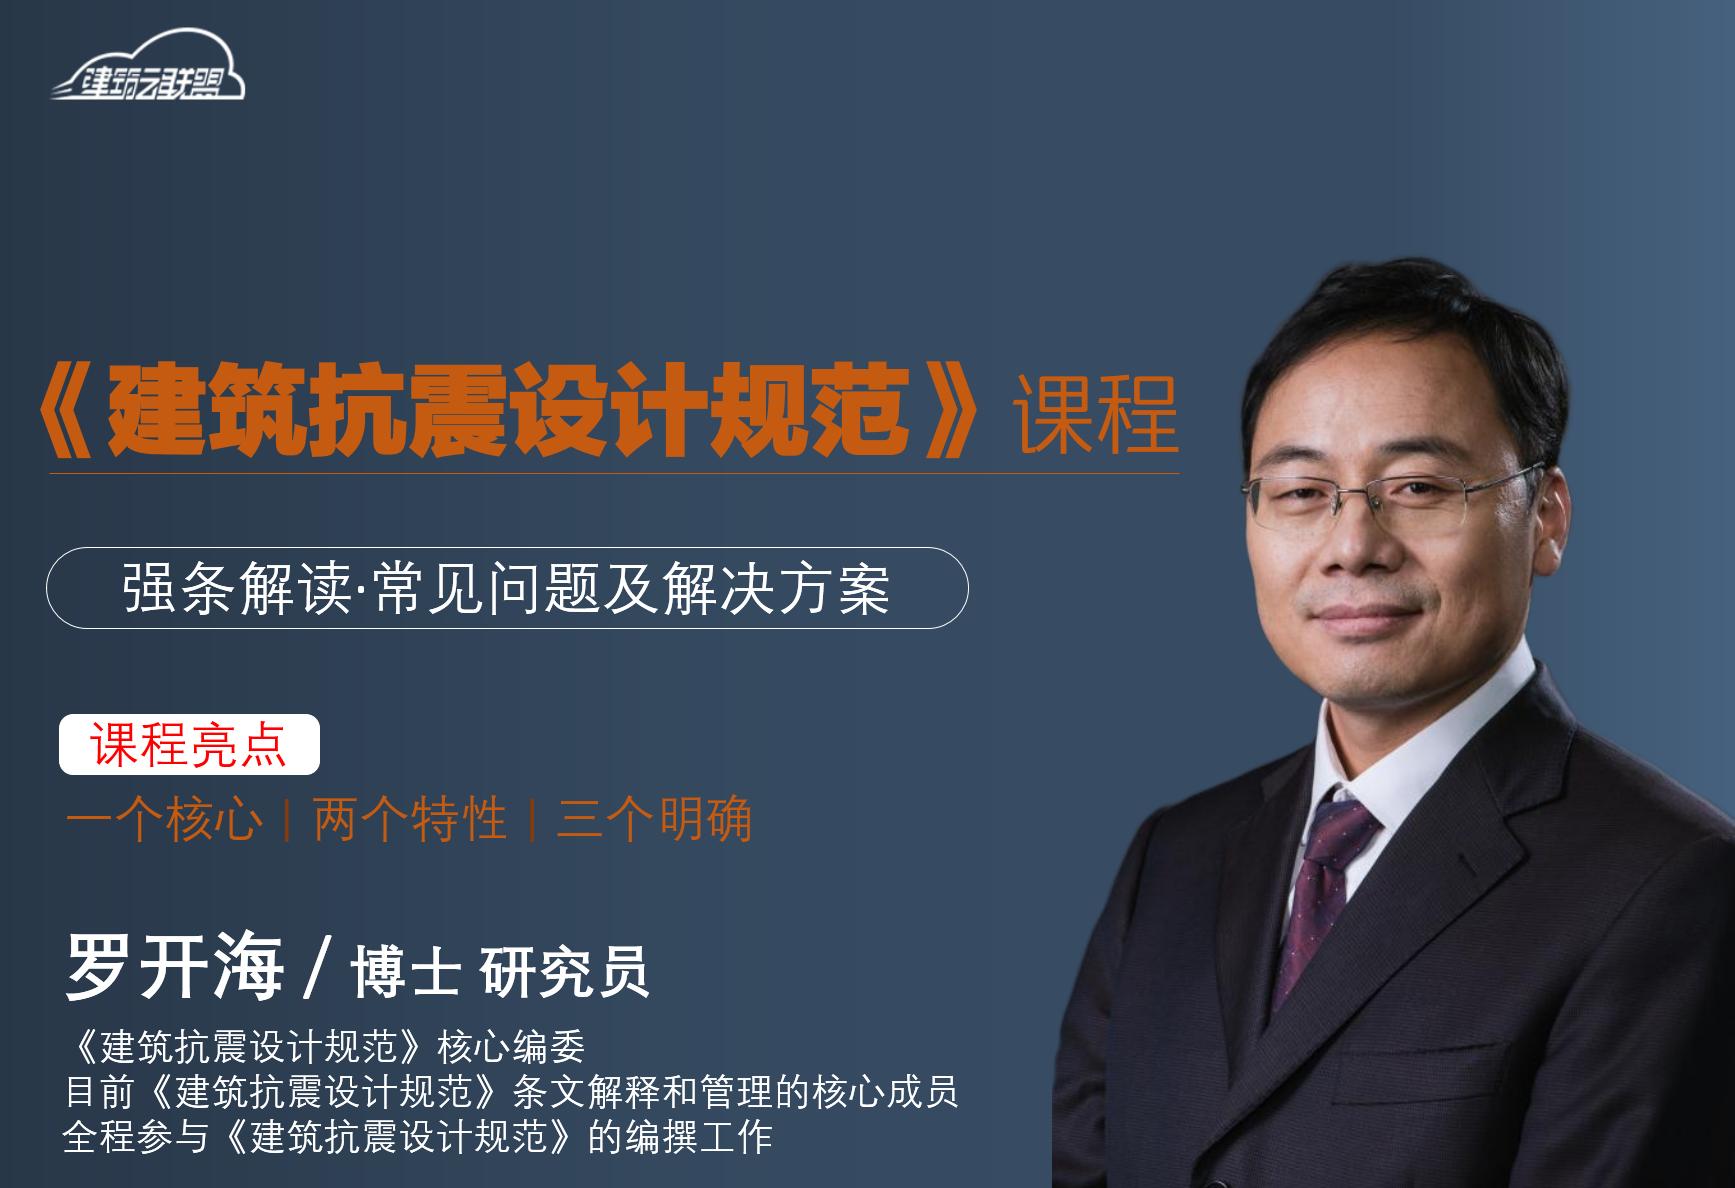 图片5_看图王(1).png